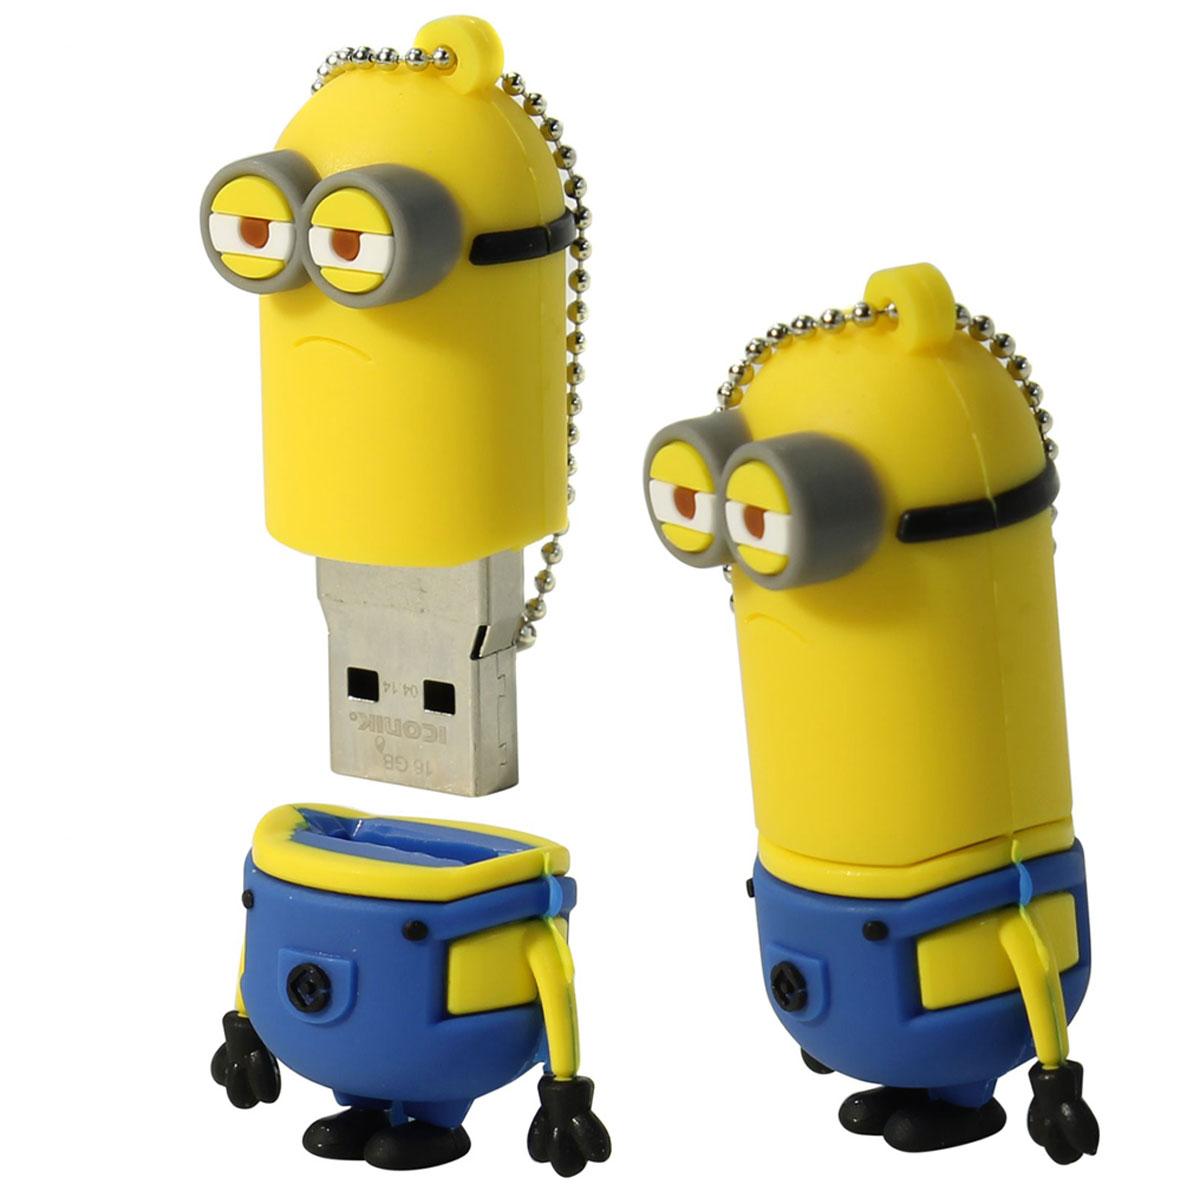 Iconik Миньон Кевин 16GB USB флеш-накопитель